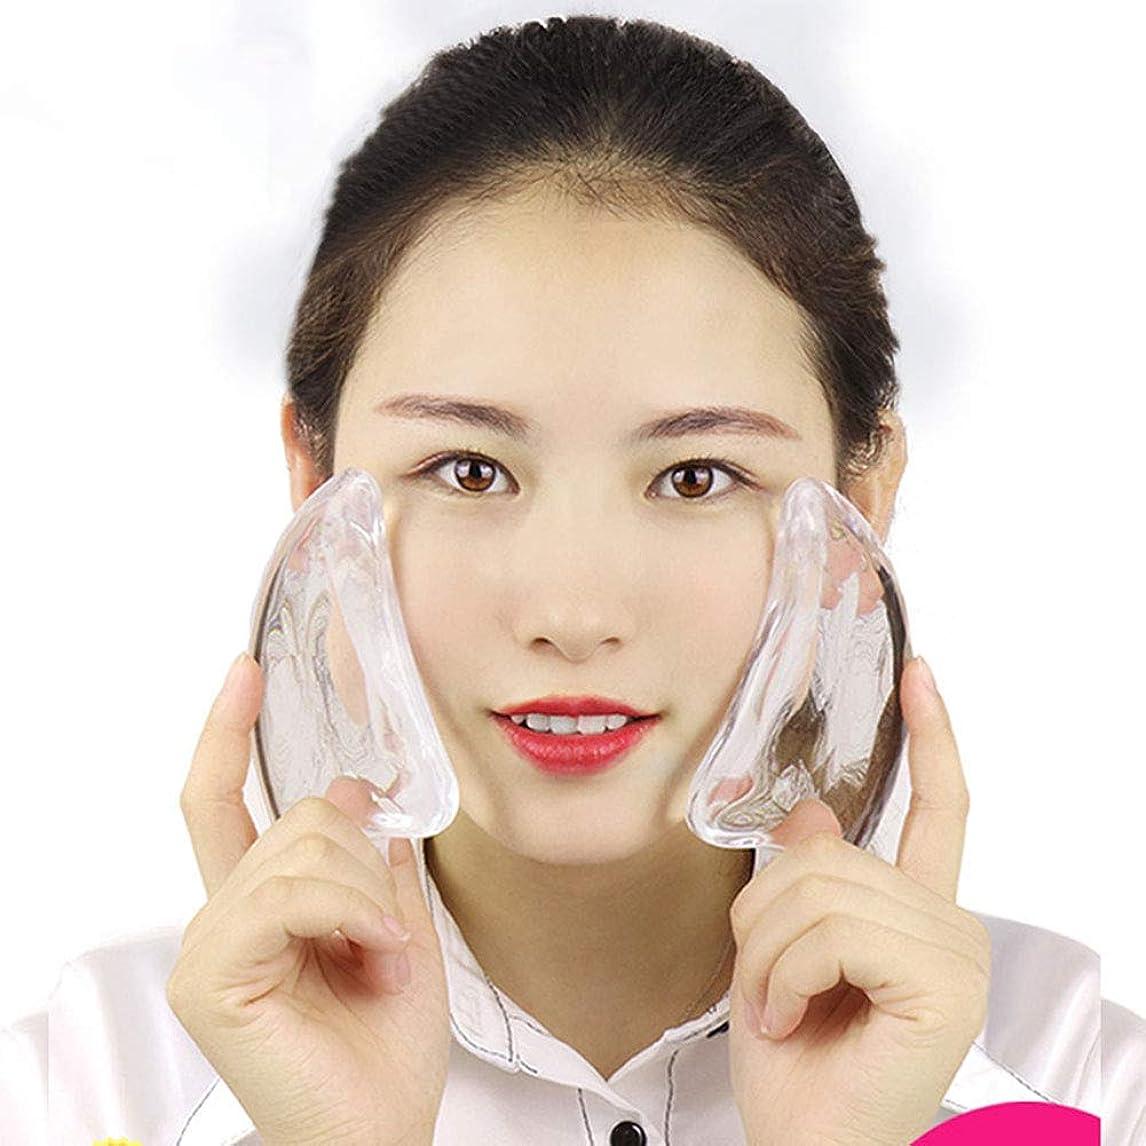 究極の完璧ブロックかっさプレート FidgetFidget 中国の伝統的な顔のスクラッププレートGua Sha Board SPAの鍼治療の擦りマッサージツール